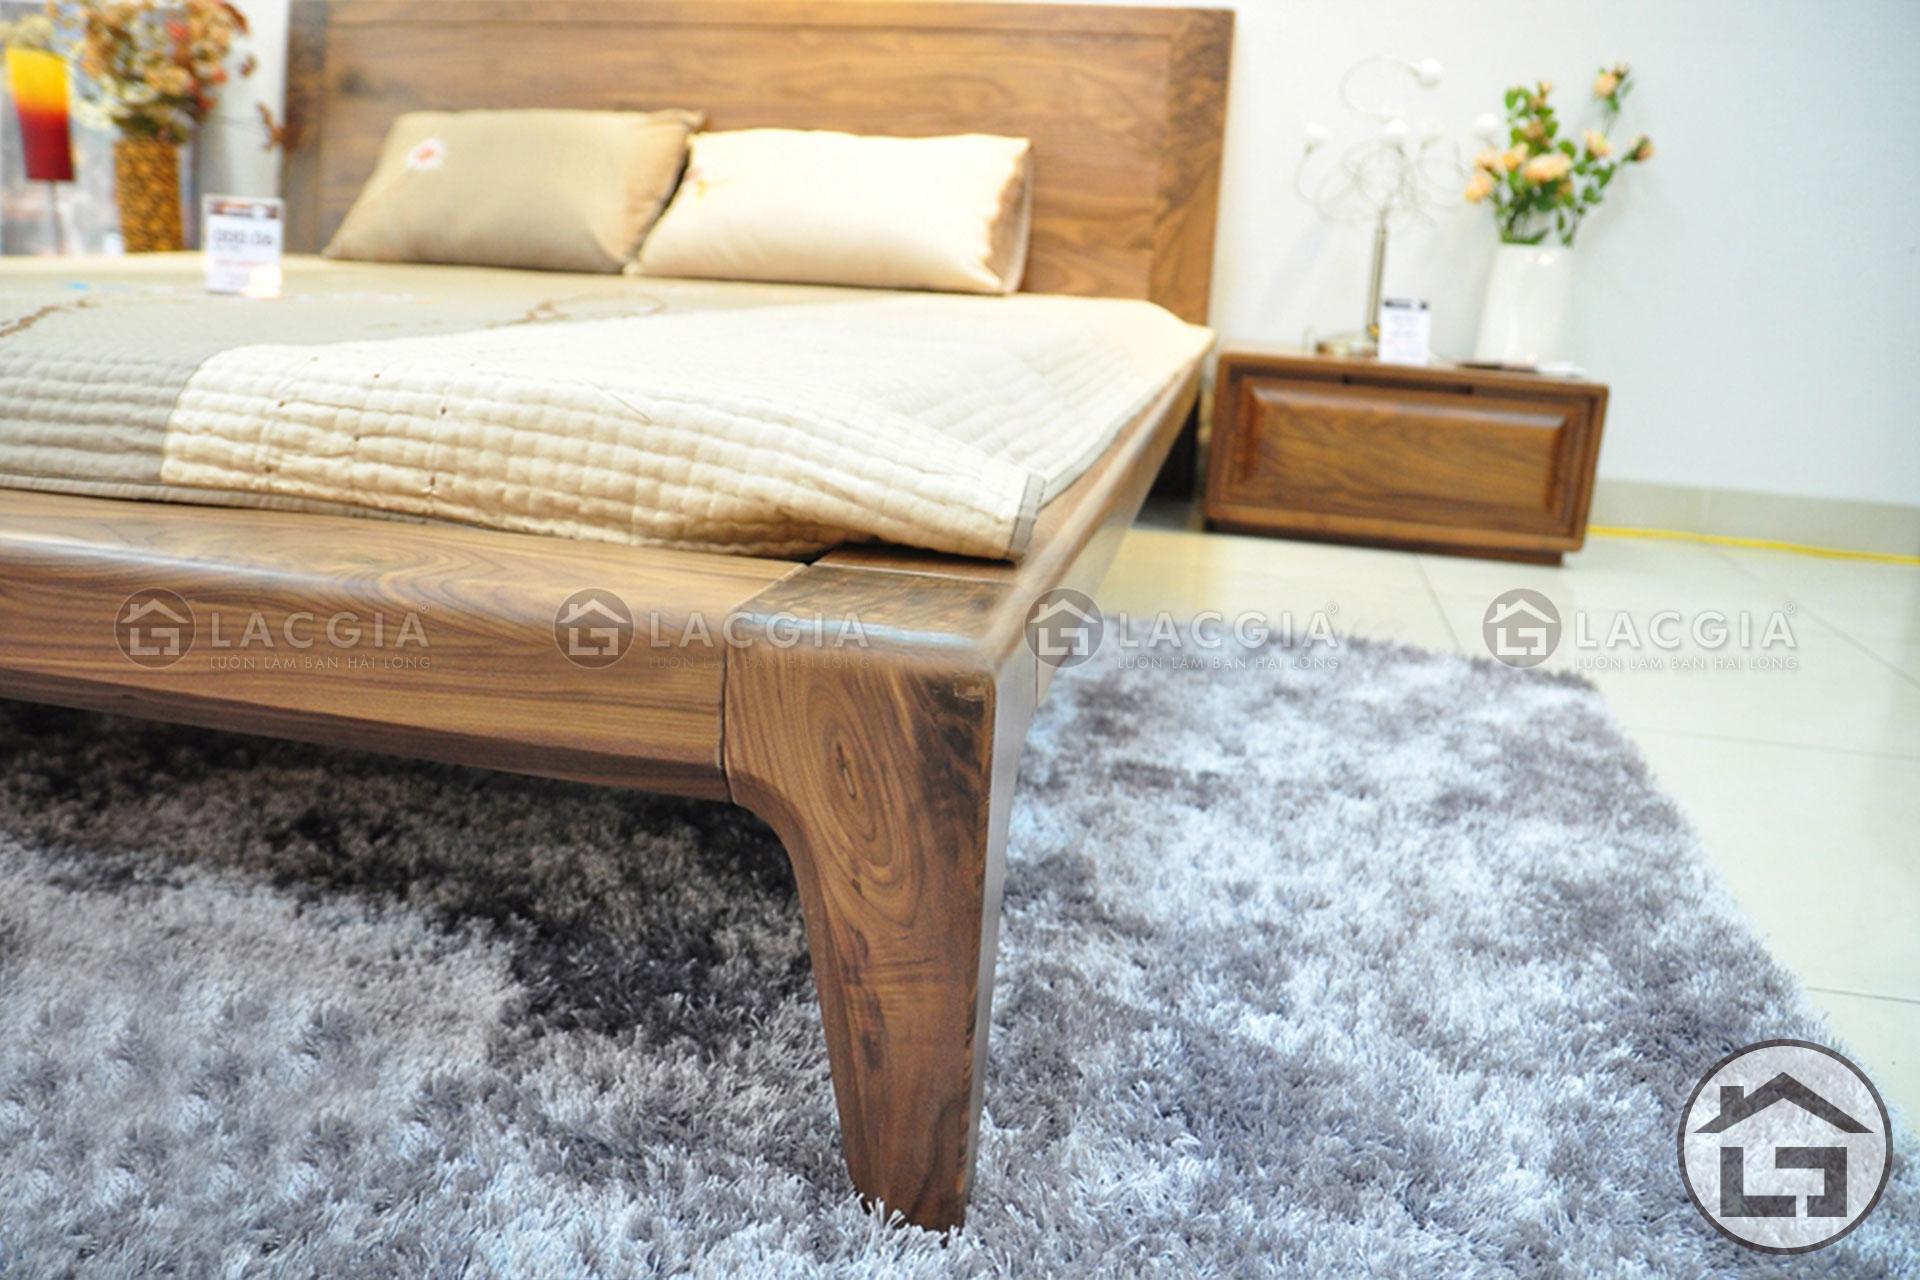 Chất liệu gỗ tự nhiên bền bỉ, đẹp mắt